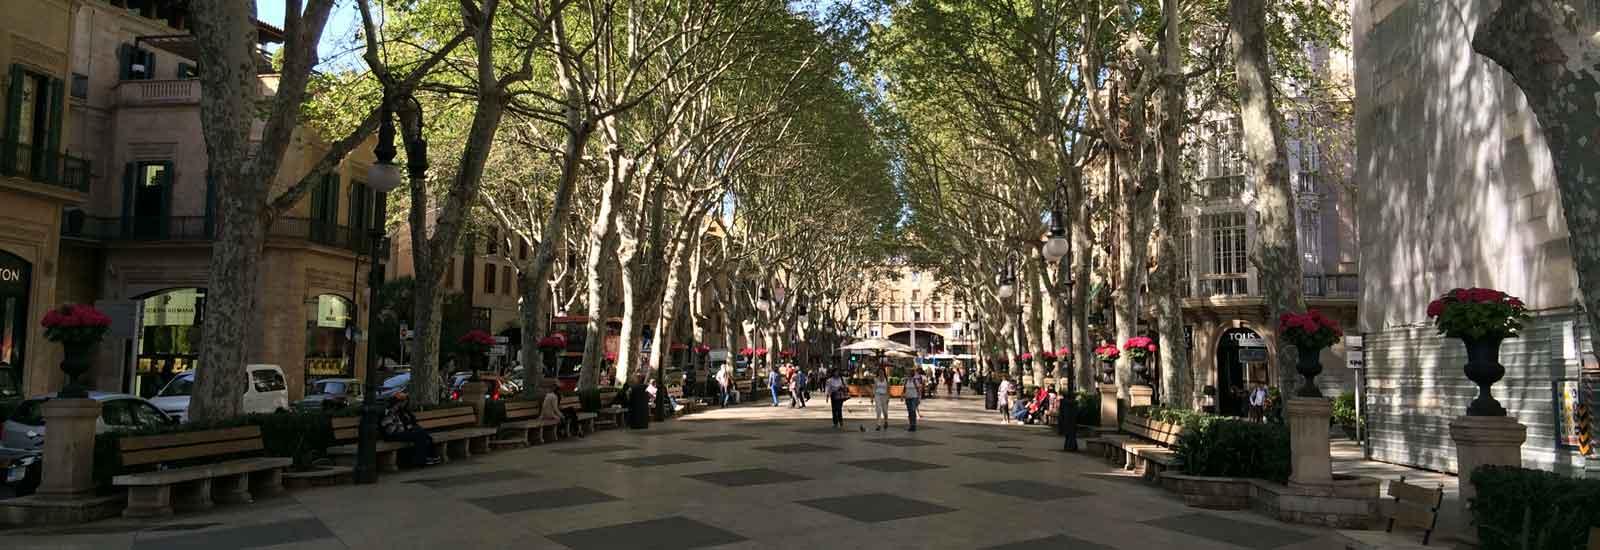 Kostenloses-Wifi-in-Palma-de-Mallorca